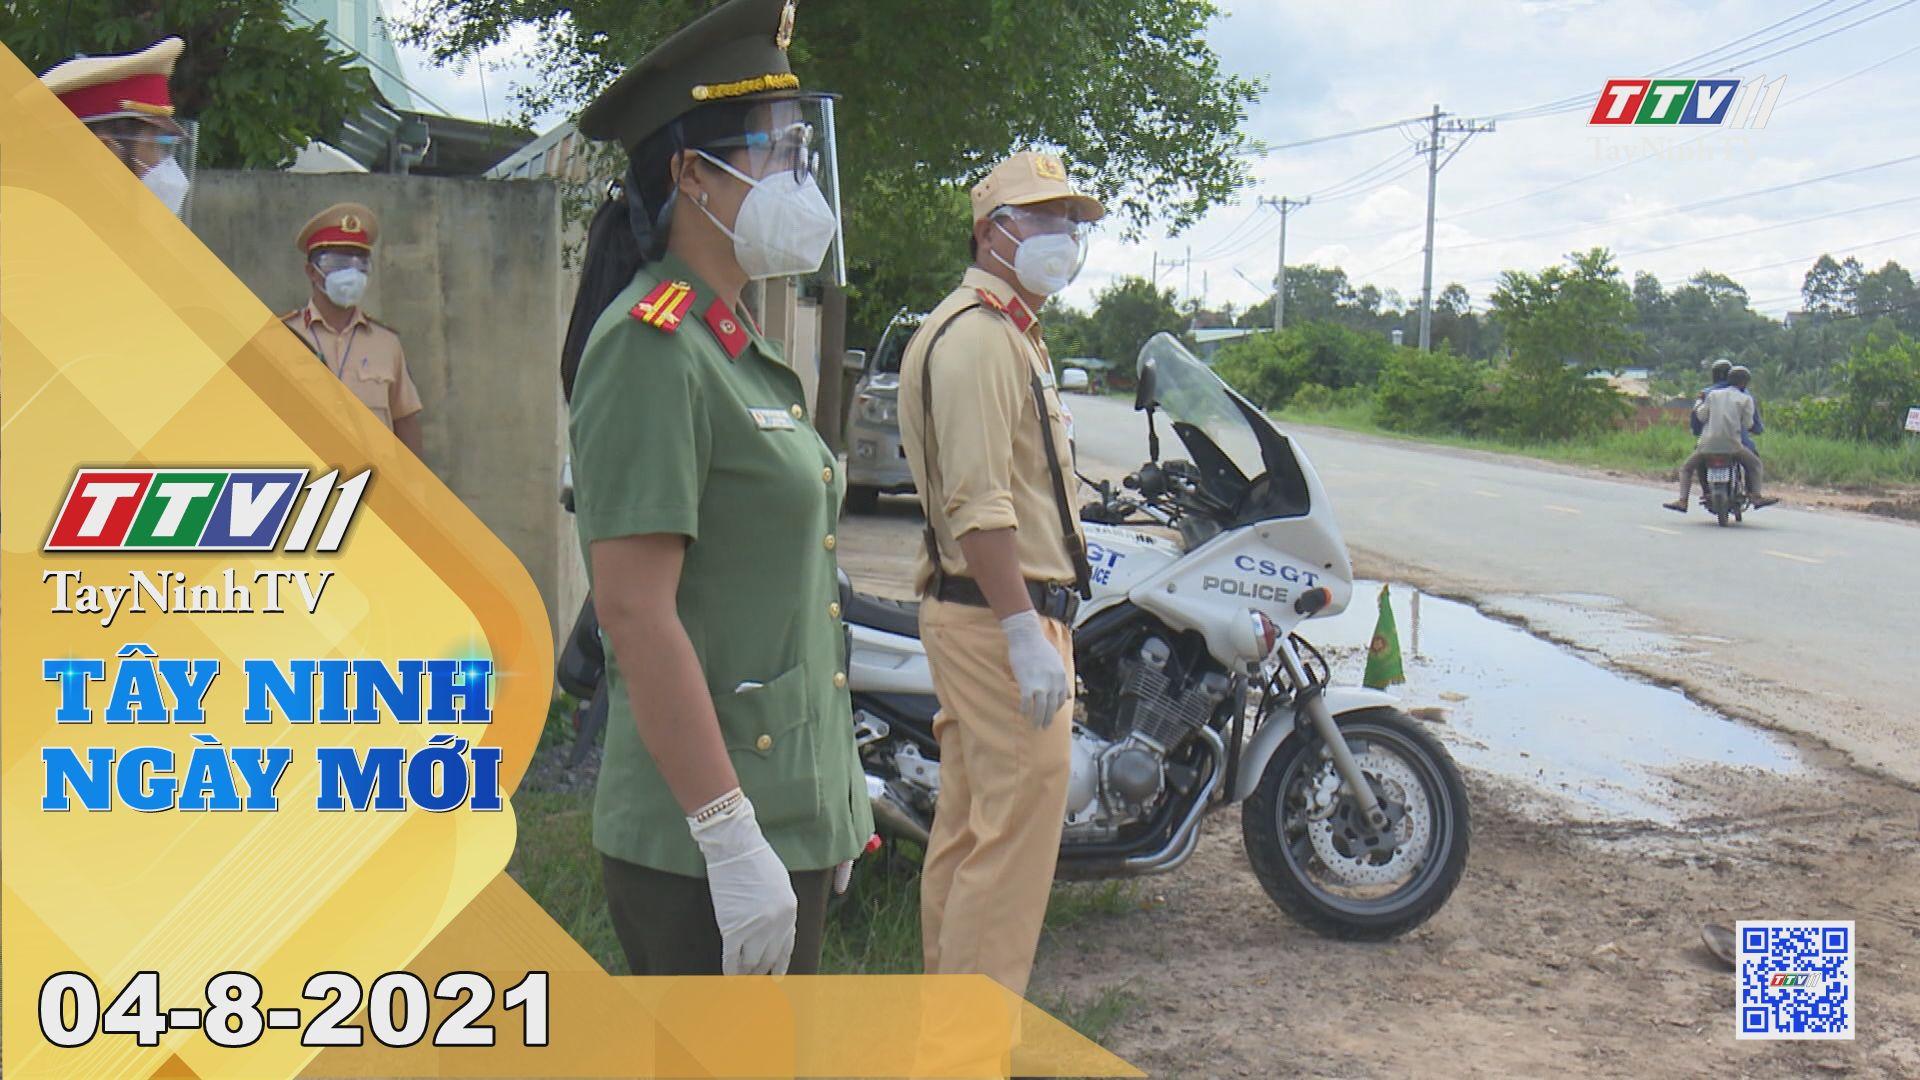 Tây Ninh Ngày Mới 04-8-2021   Tin tức hôm nay   TayNinhTV